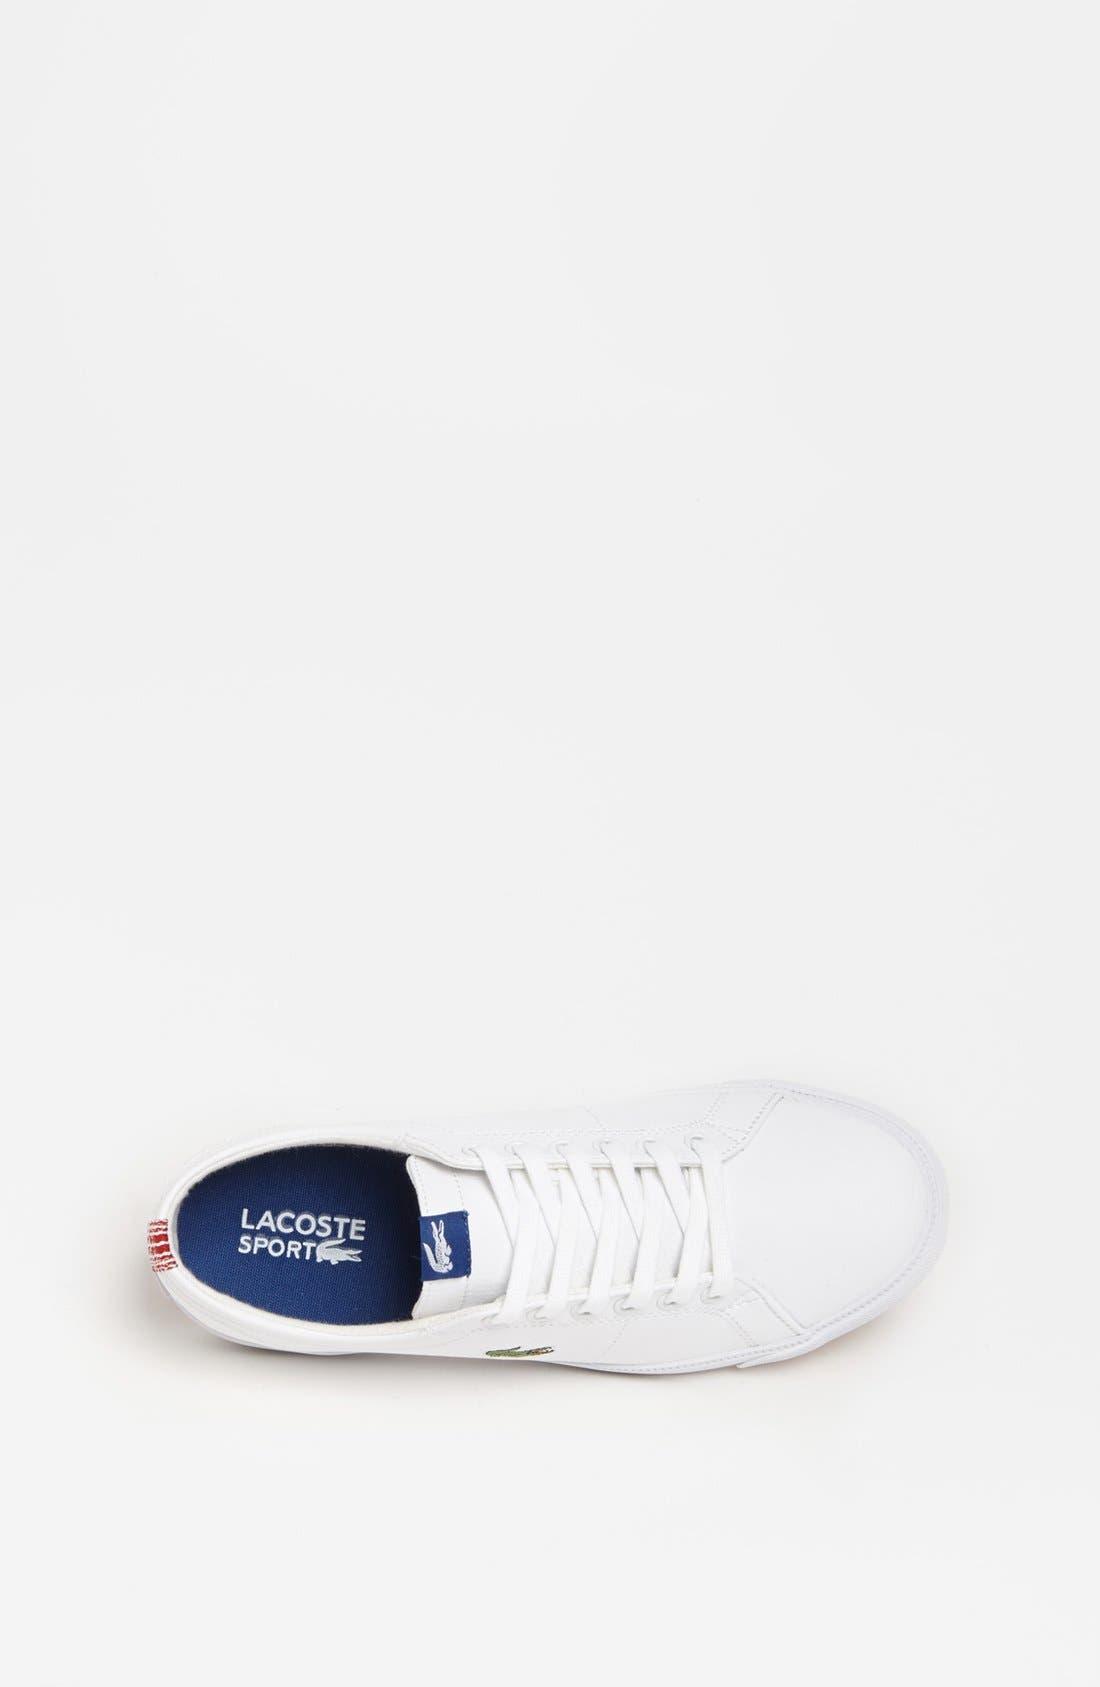 Alternate Image 3  - Lacoste 'Marcel' Sneaker (Little Kid & Big Kid)